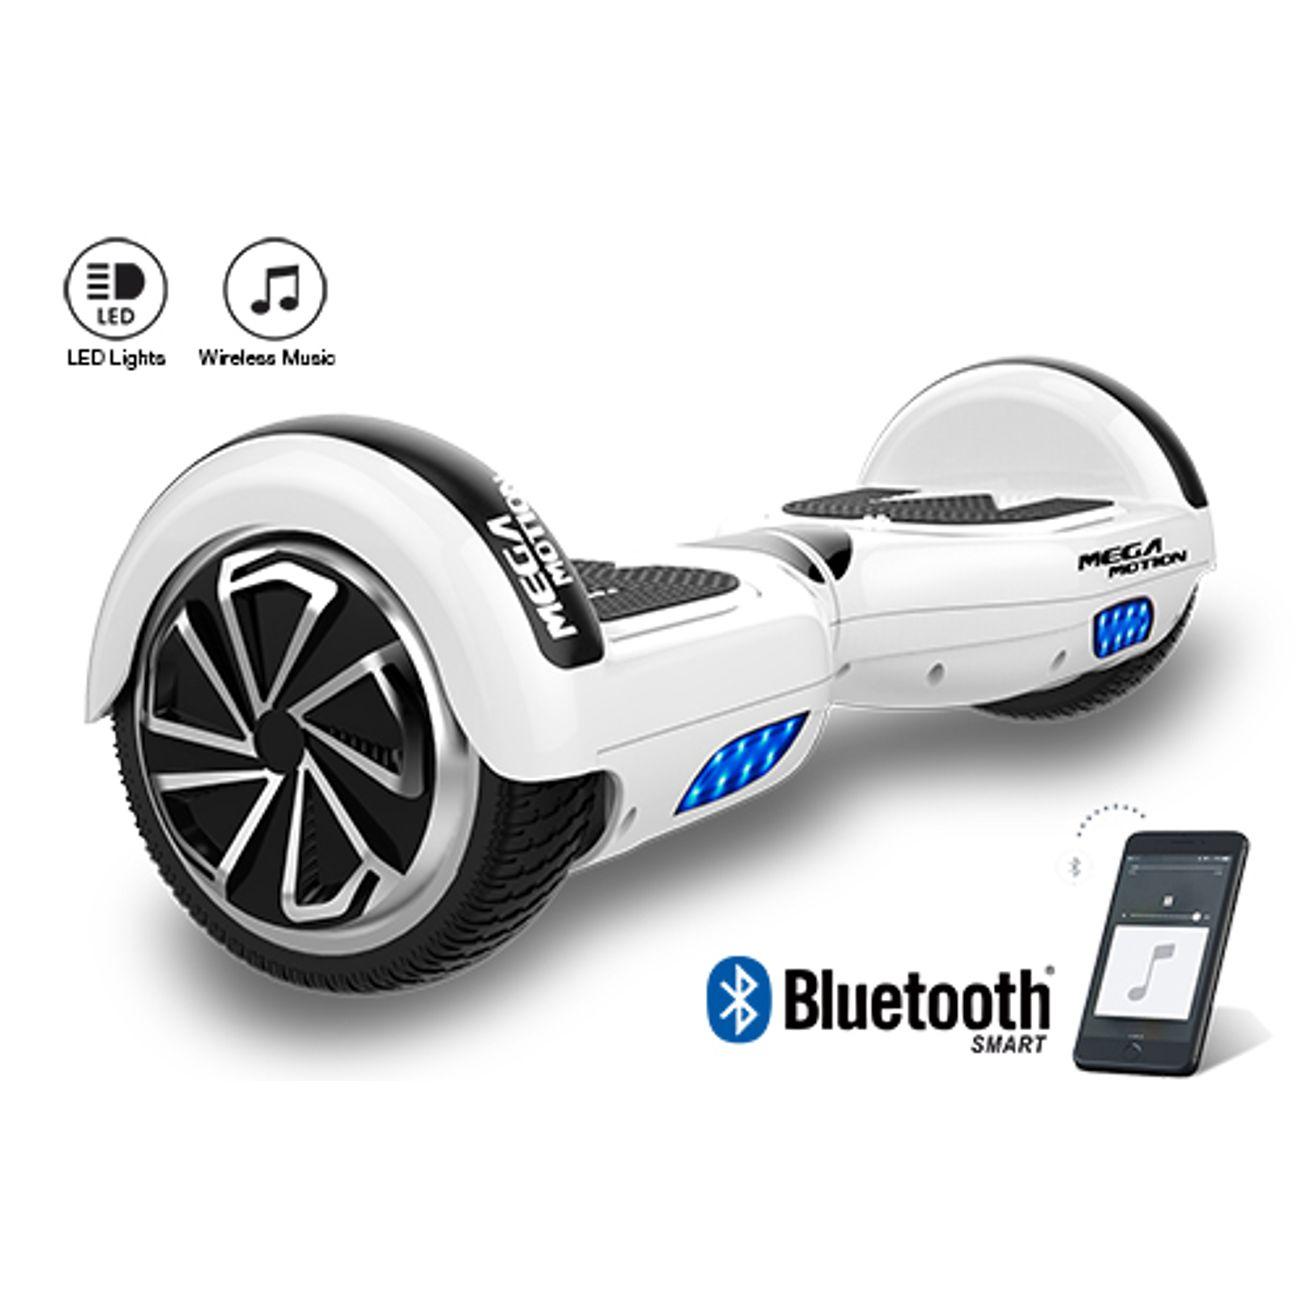 Glisse urbaine  MEGA MOTION Mega Motion Hoverboard Gyropode 6.5 pouces bluetooth Blanc+Équipement de protection sportive pour hoverboard, skate, vélo, skateboard, Ensemble protecteur, Size L-Rose